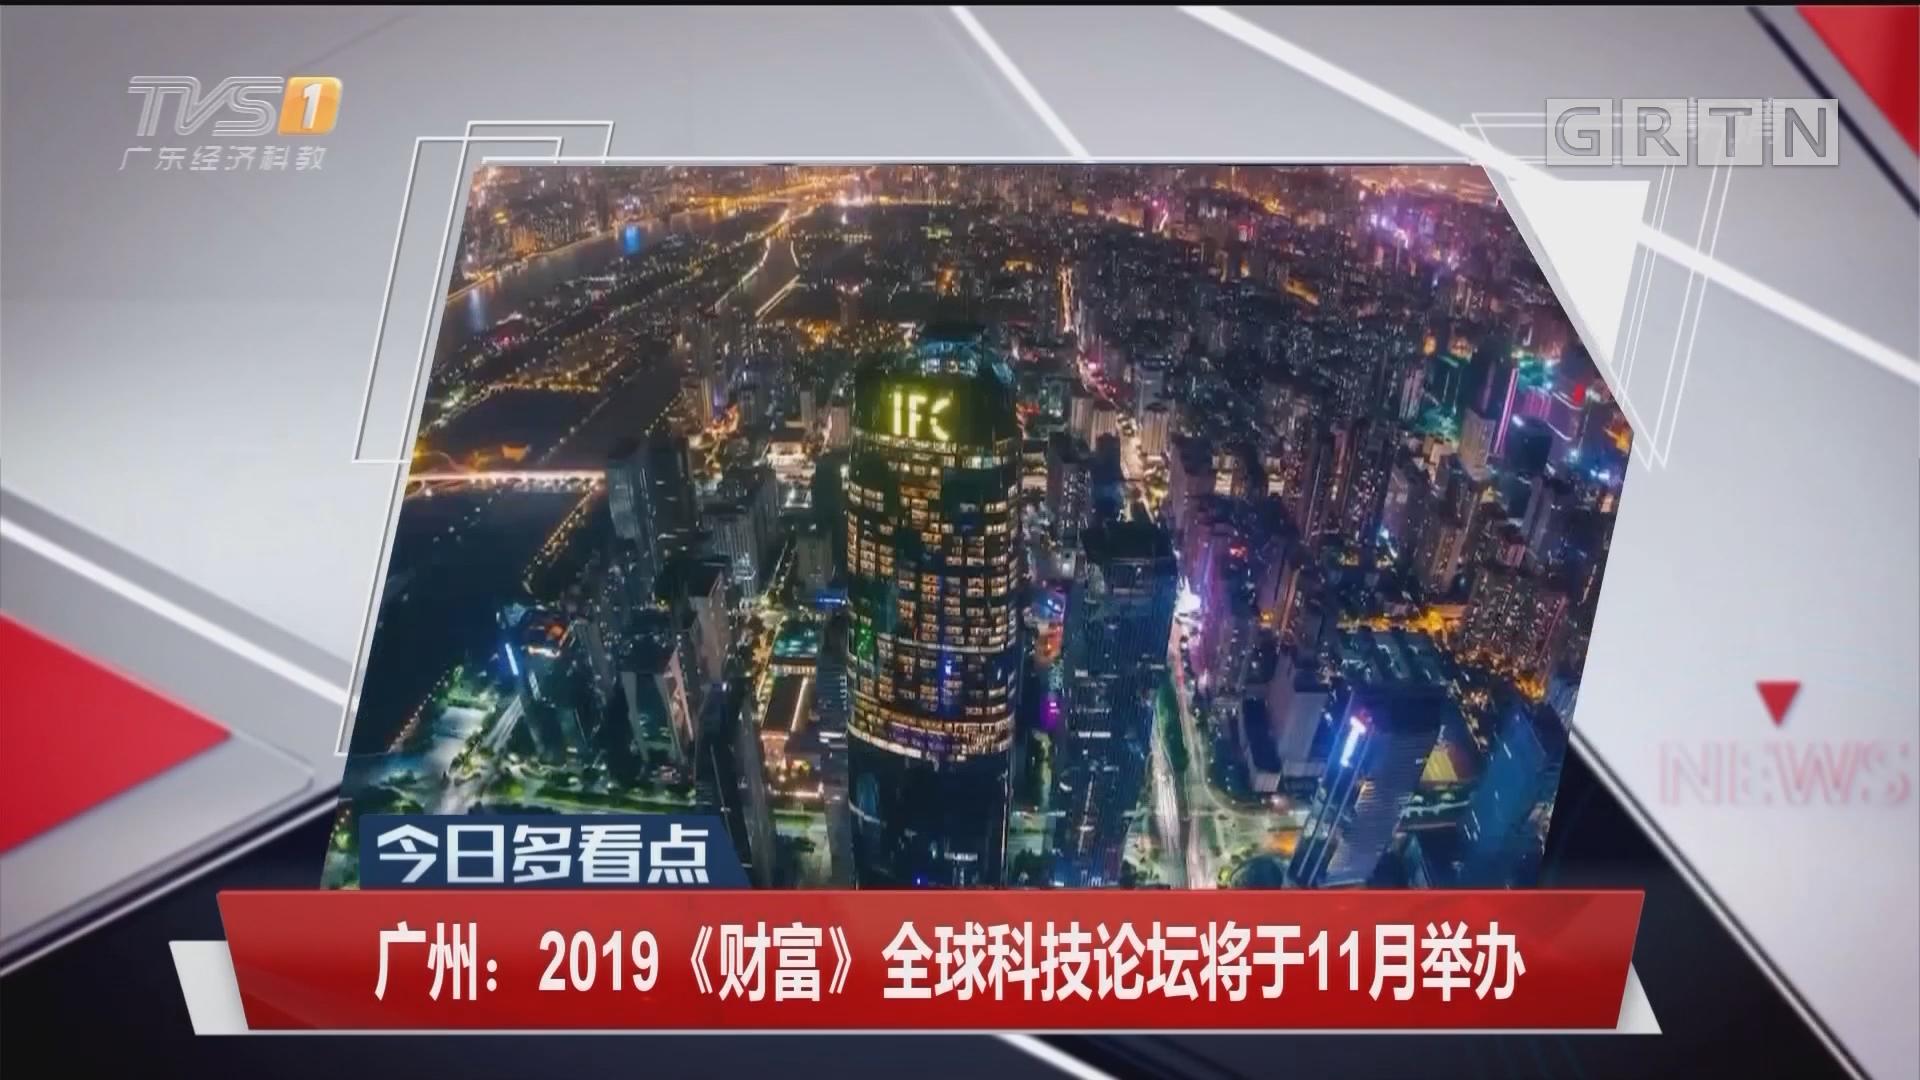 廣州:2019《財富》全球科技論壇將于11月舉辦